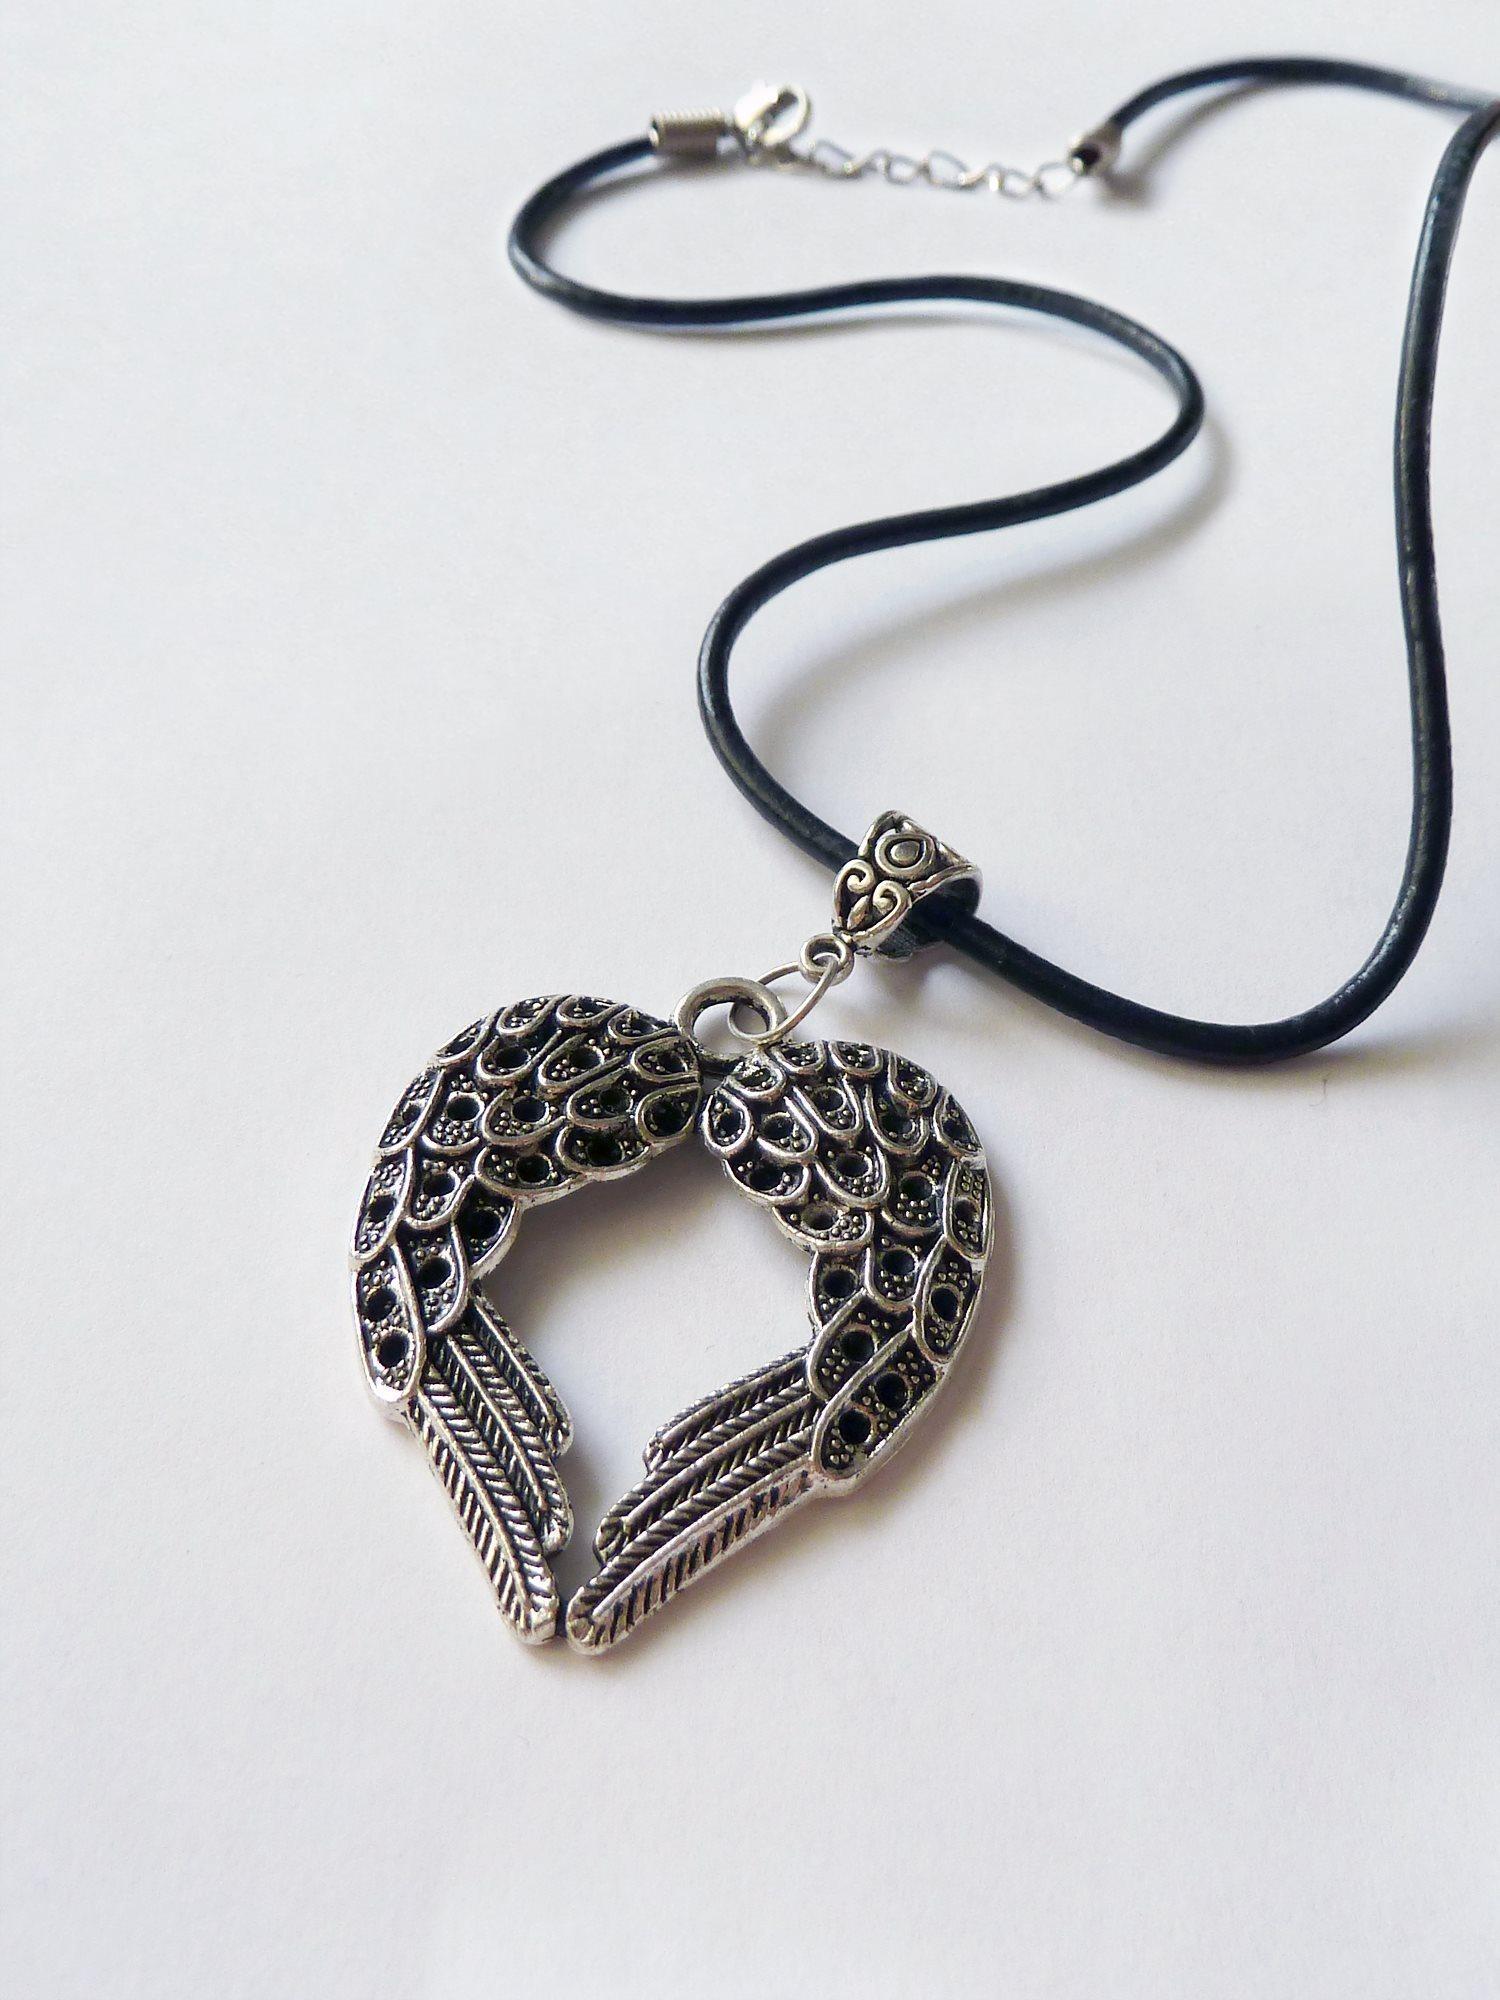 Läderhalsband med änglavingar i form av ett hjä.. (337721426) ᐈ Köp ... 21803f5f3b6f9